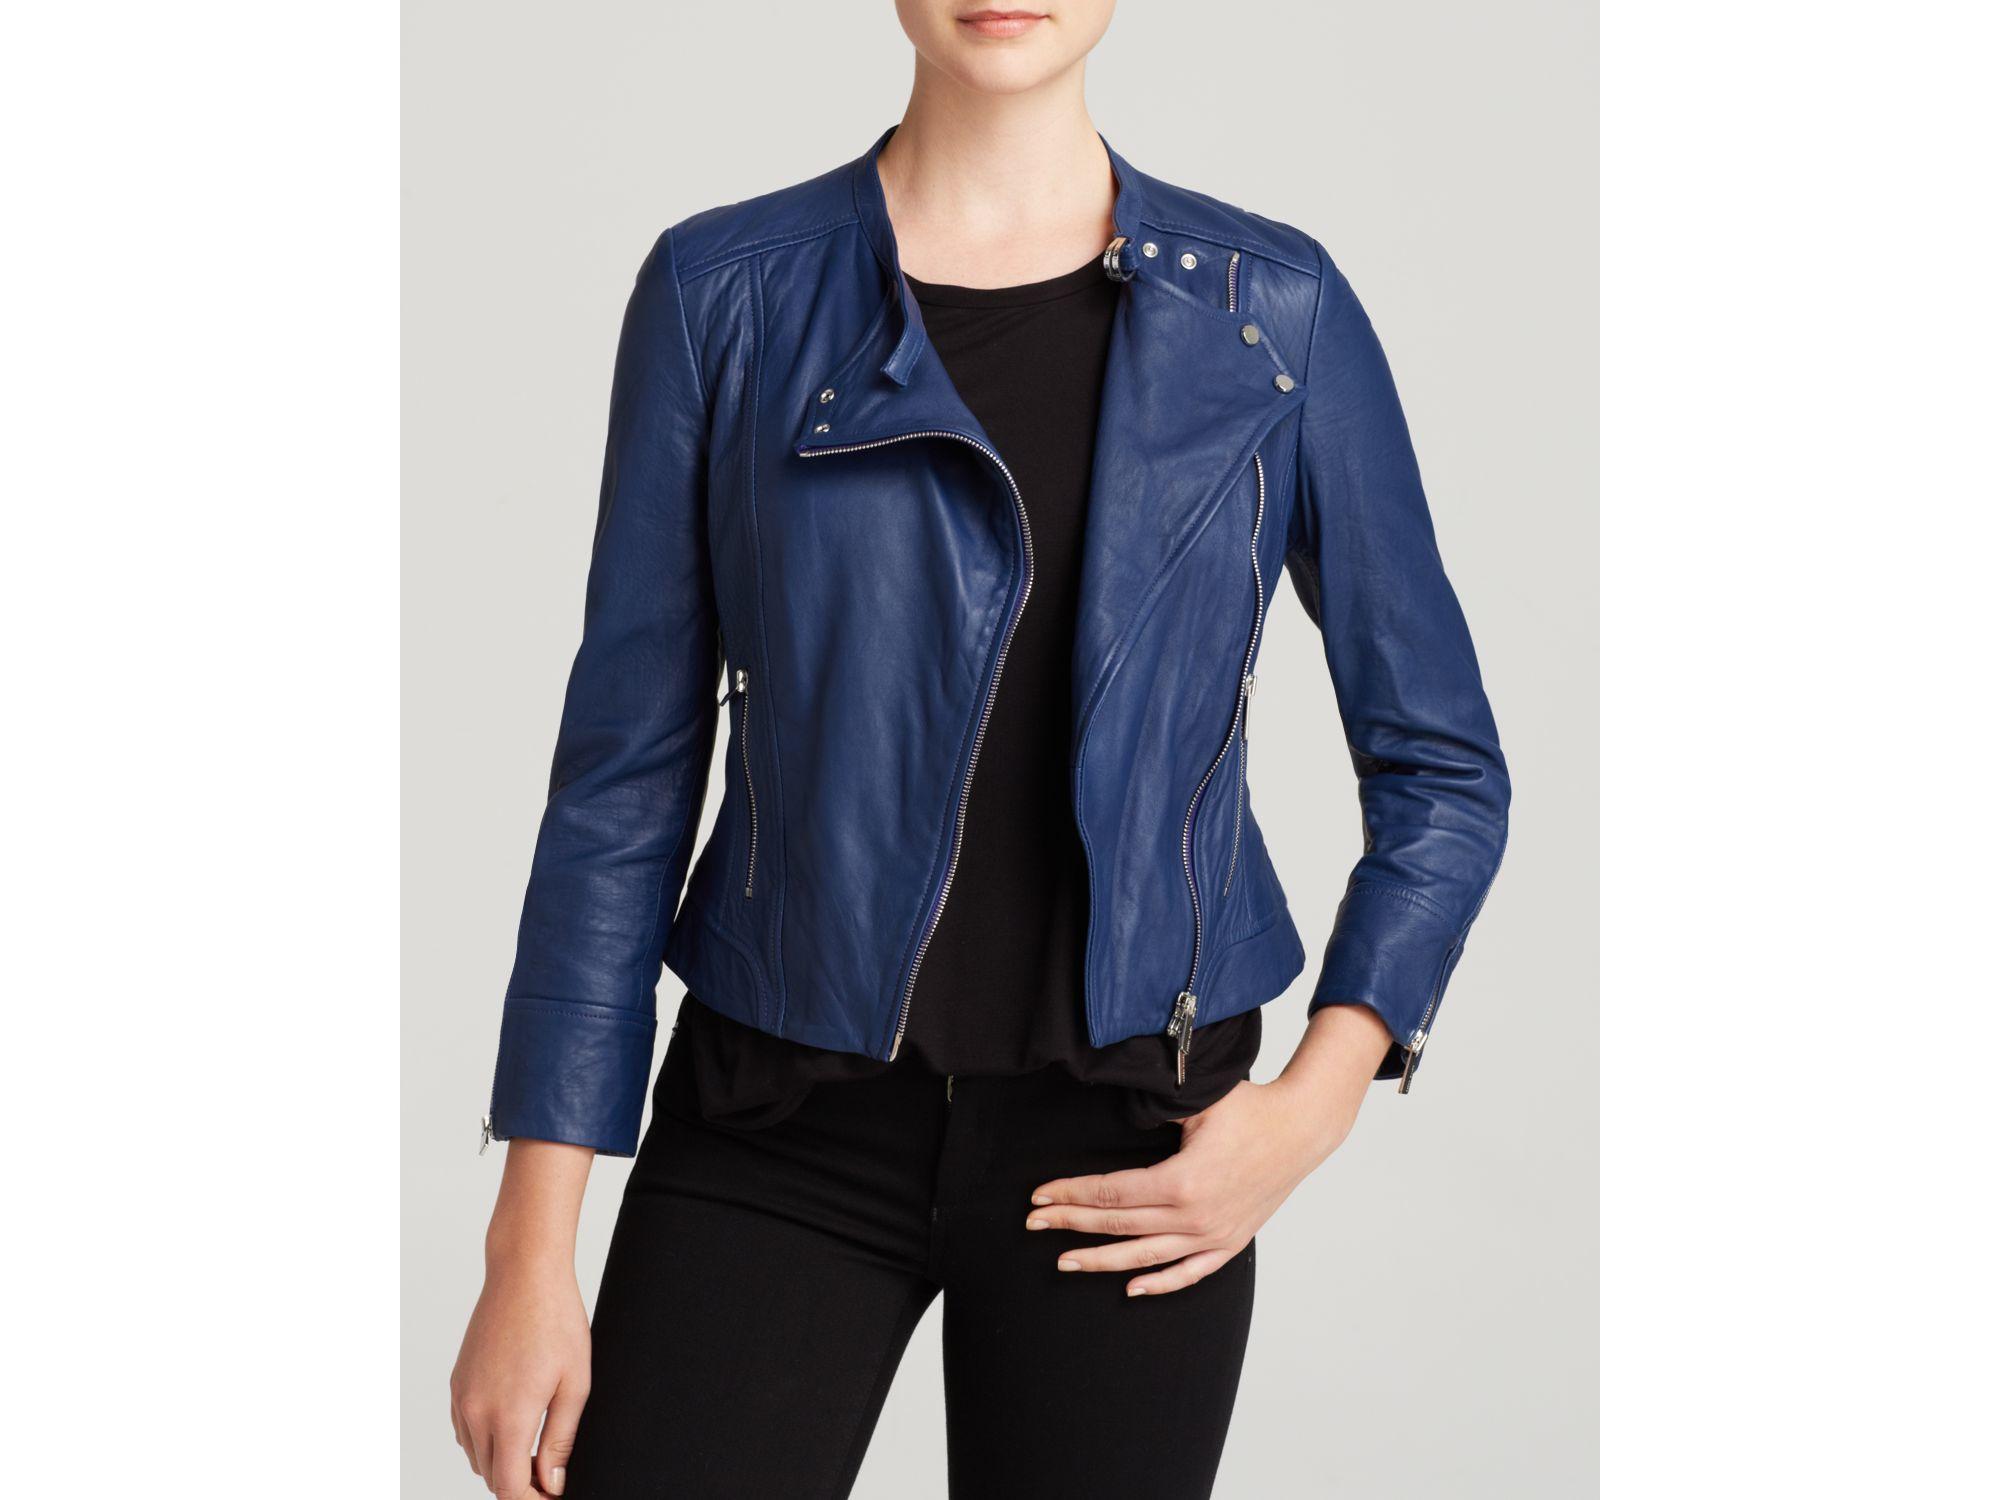 bebd11e7 Karen Millen Blue Biker Jacket - Bloomingdale's Exclusive